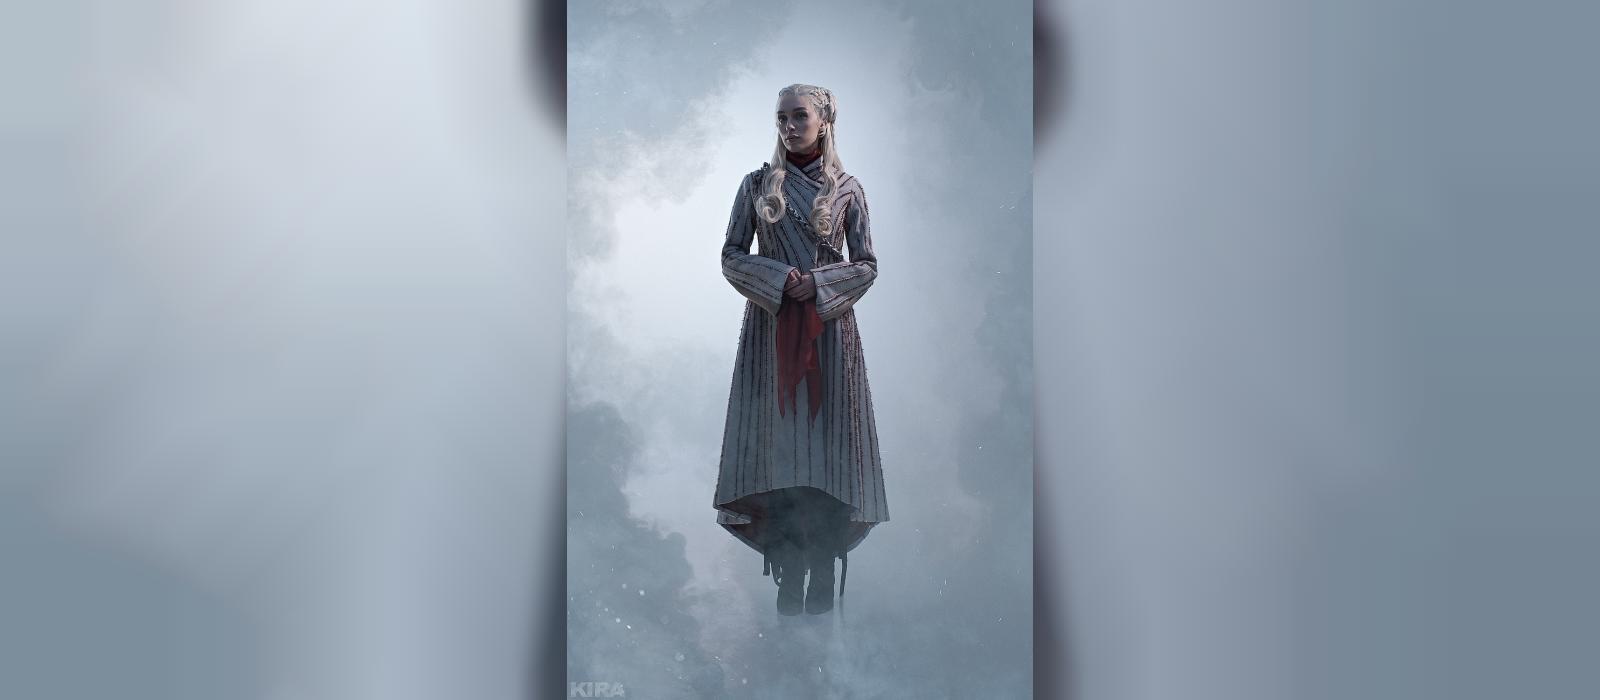 Die russische Schönheit zeigte ein aufregendes Cosplay von Daenerys aus Game of Thrones.  Es gibt ein Foto 18+